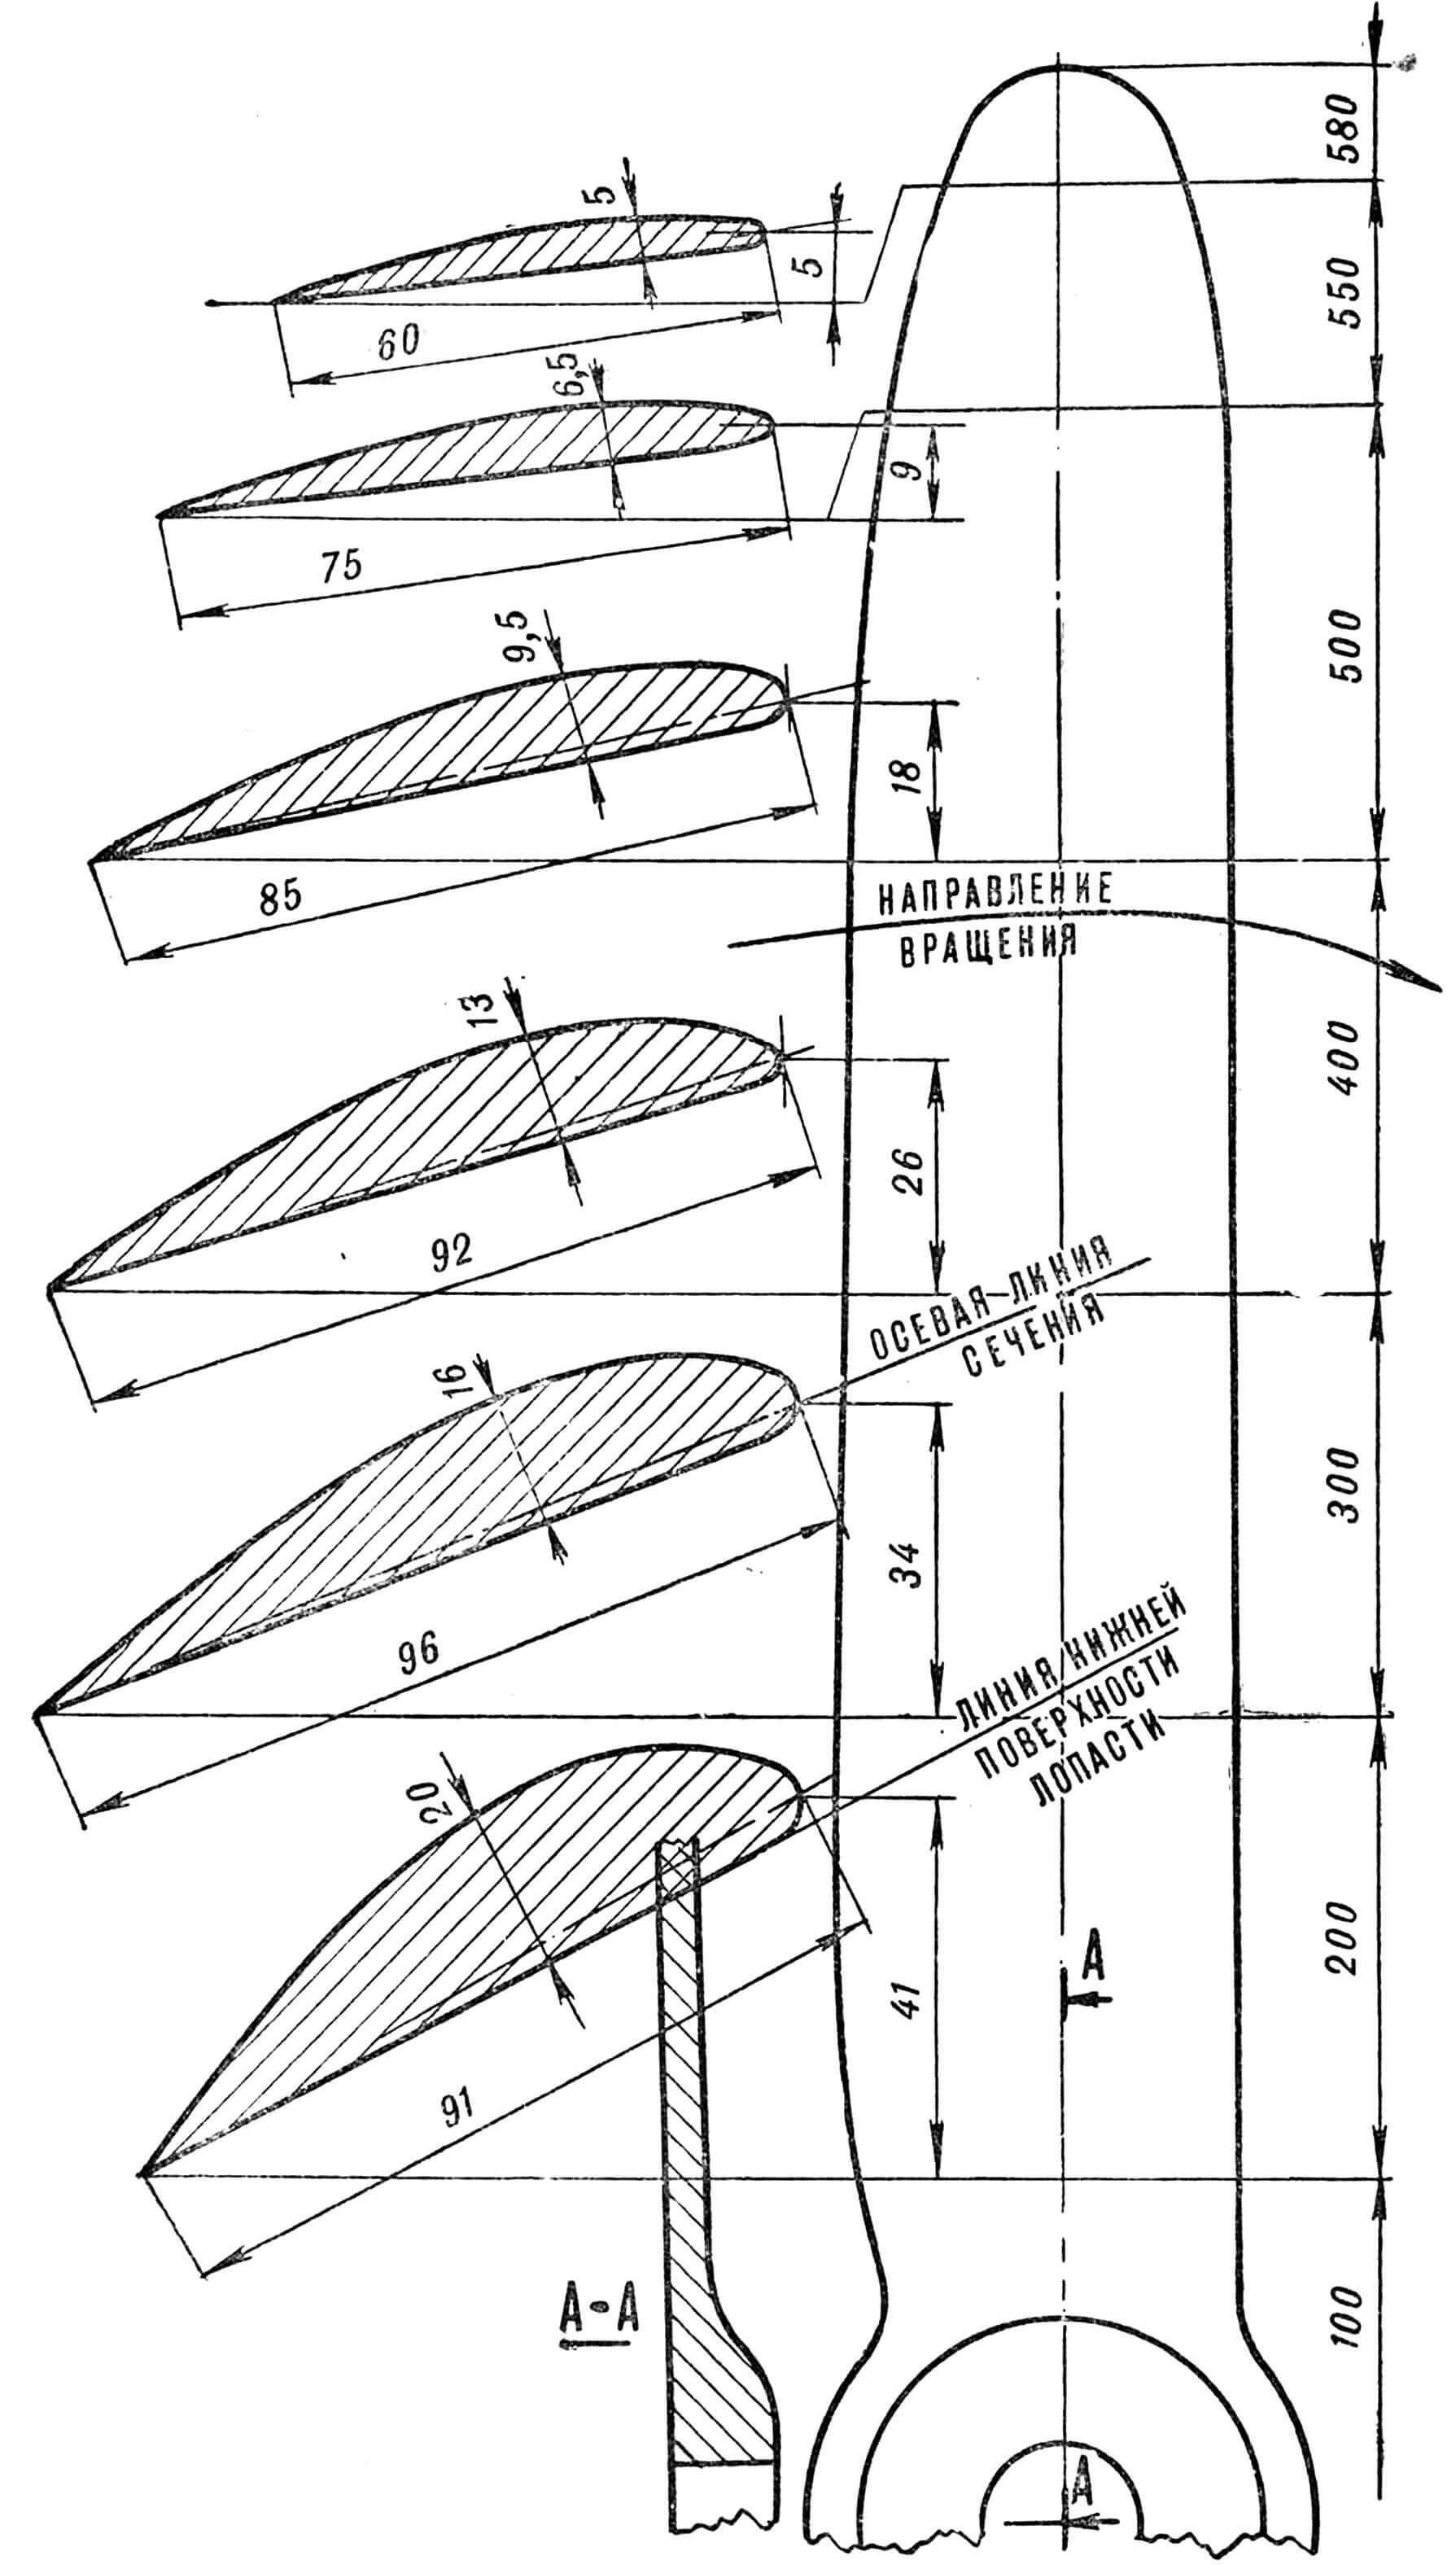 Рис. 1. Воздушный винт левого вращения для двигателя мощностью 10 — 12 л.с.